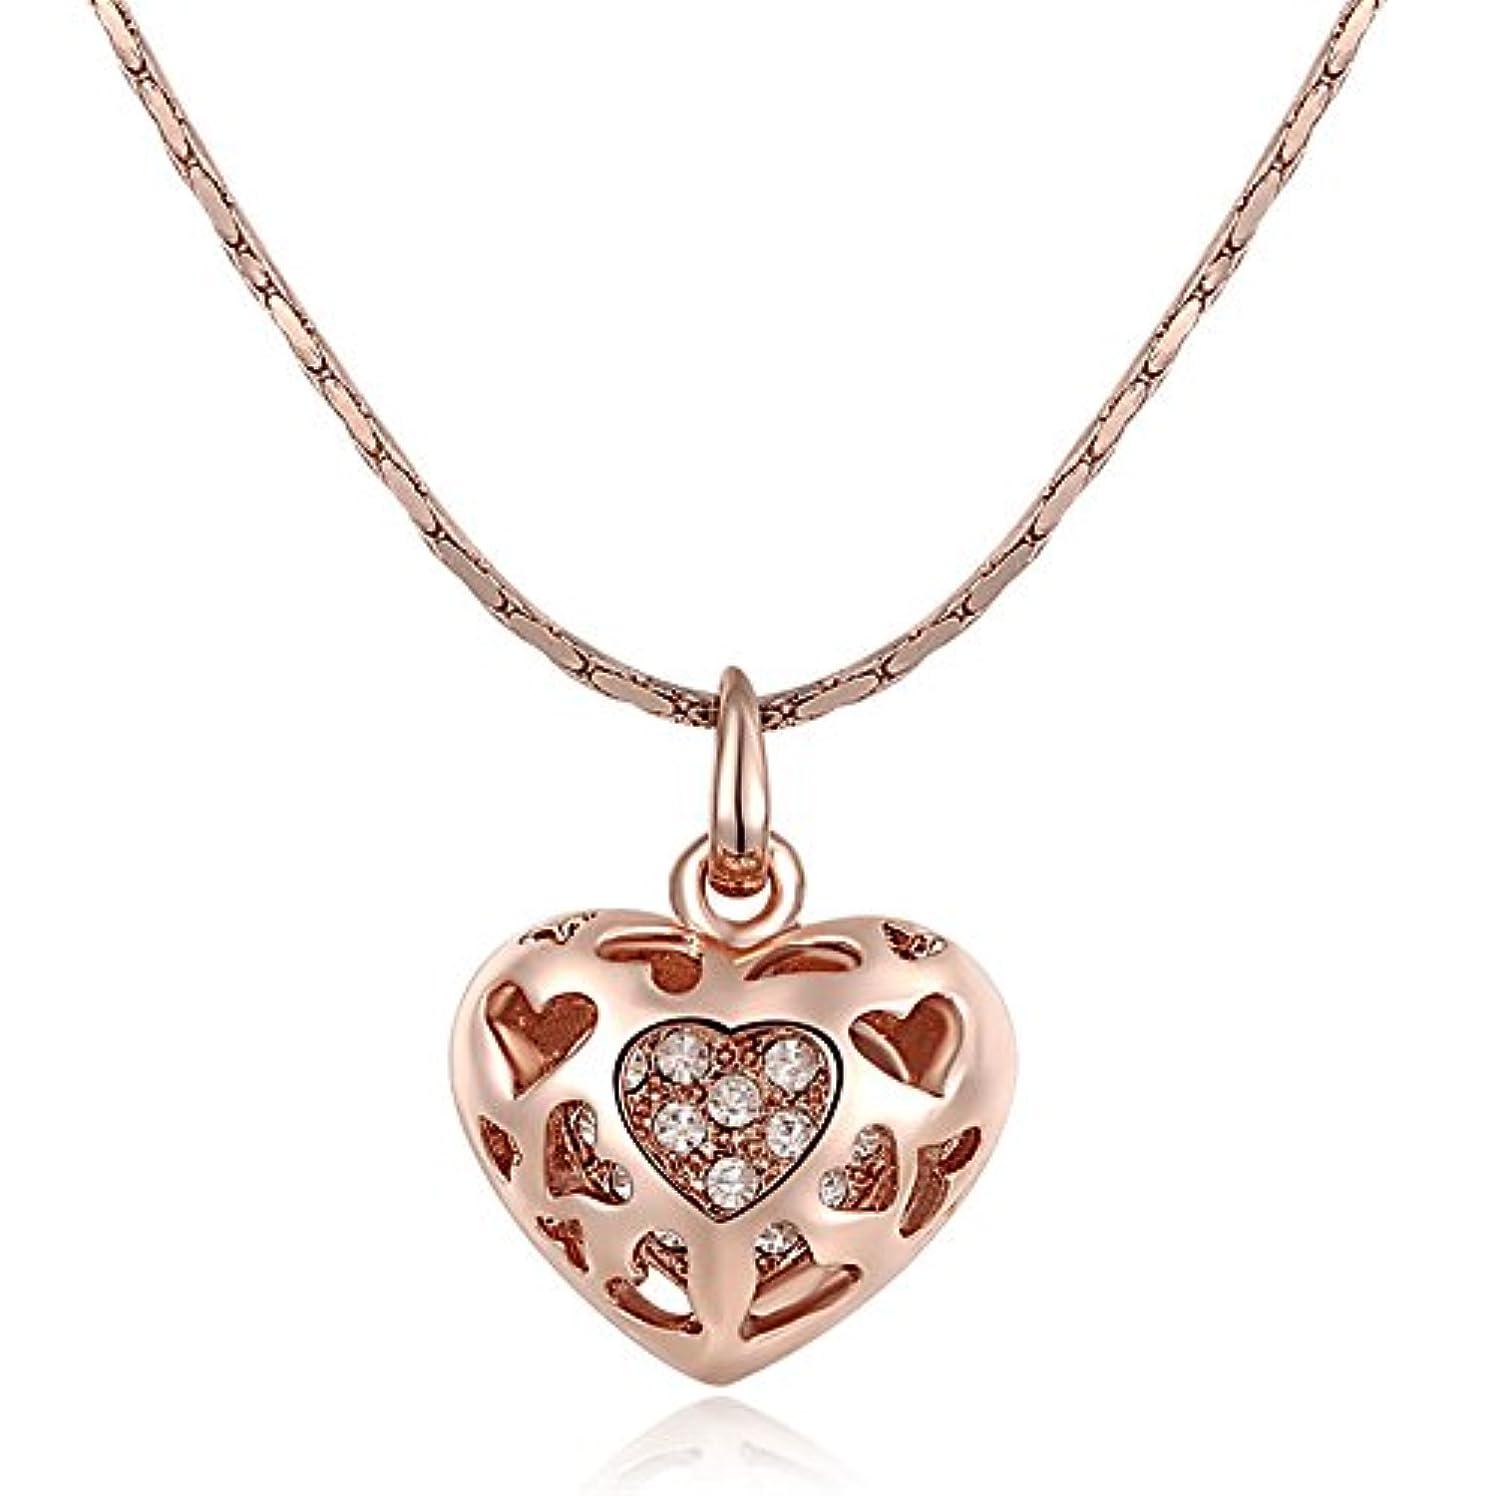 どんなときも丘砂の可愛い ネックレス 水晶の薔薇の金の型はハート型のネックレス バレンタインデーのプレゼント